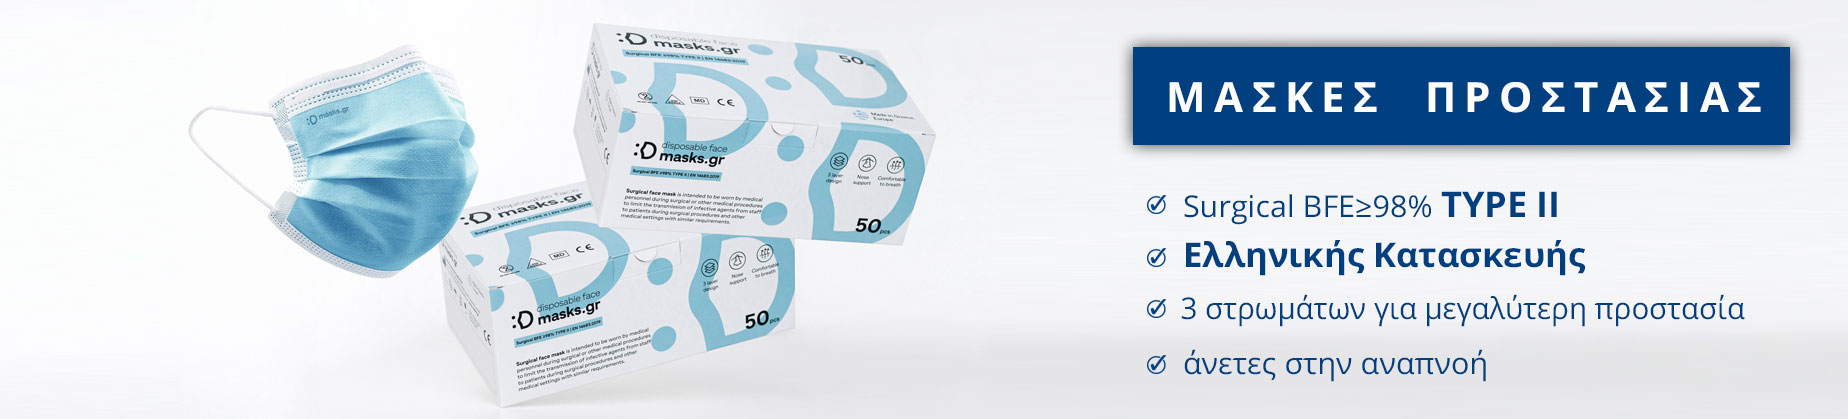 Μάσκες Προστασίας Προσώπου | 3 Στρωμάτων για Μεγαλύτερη Προστασία | Άνετες στην Αναπνοή